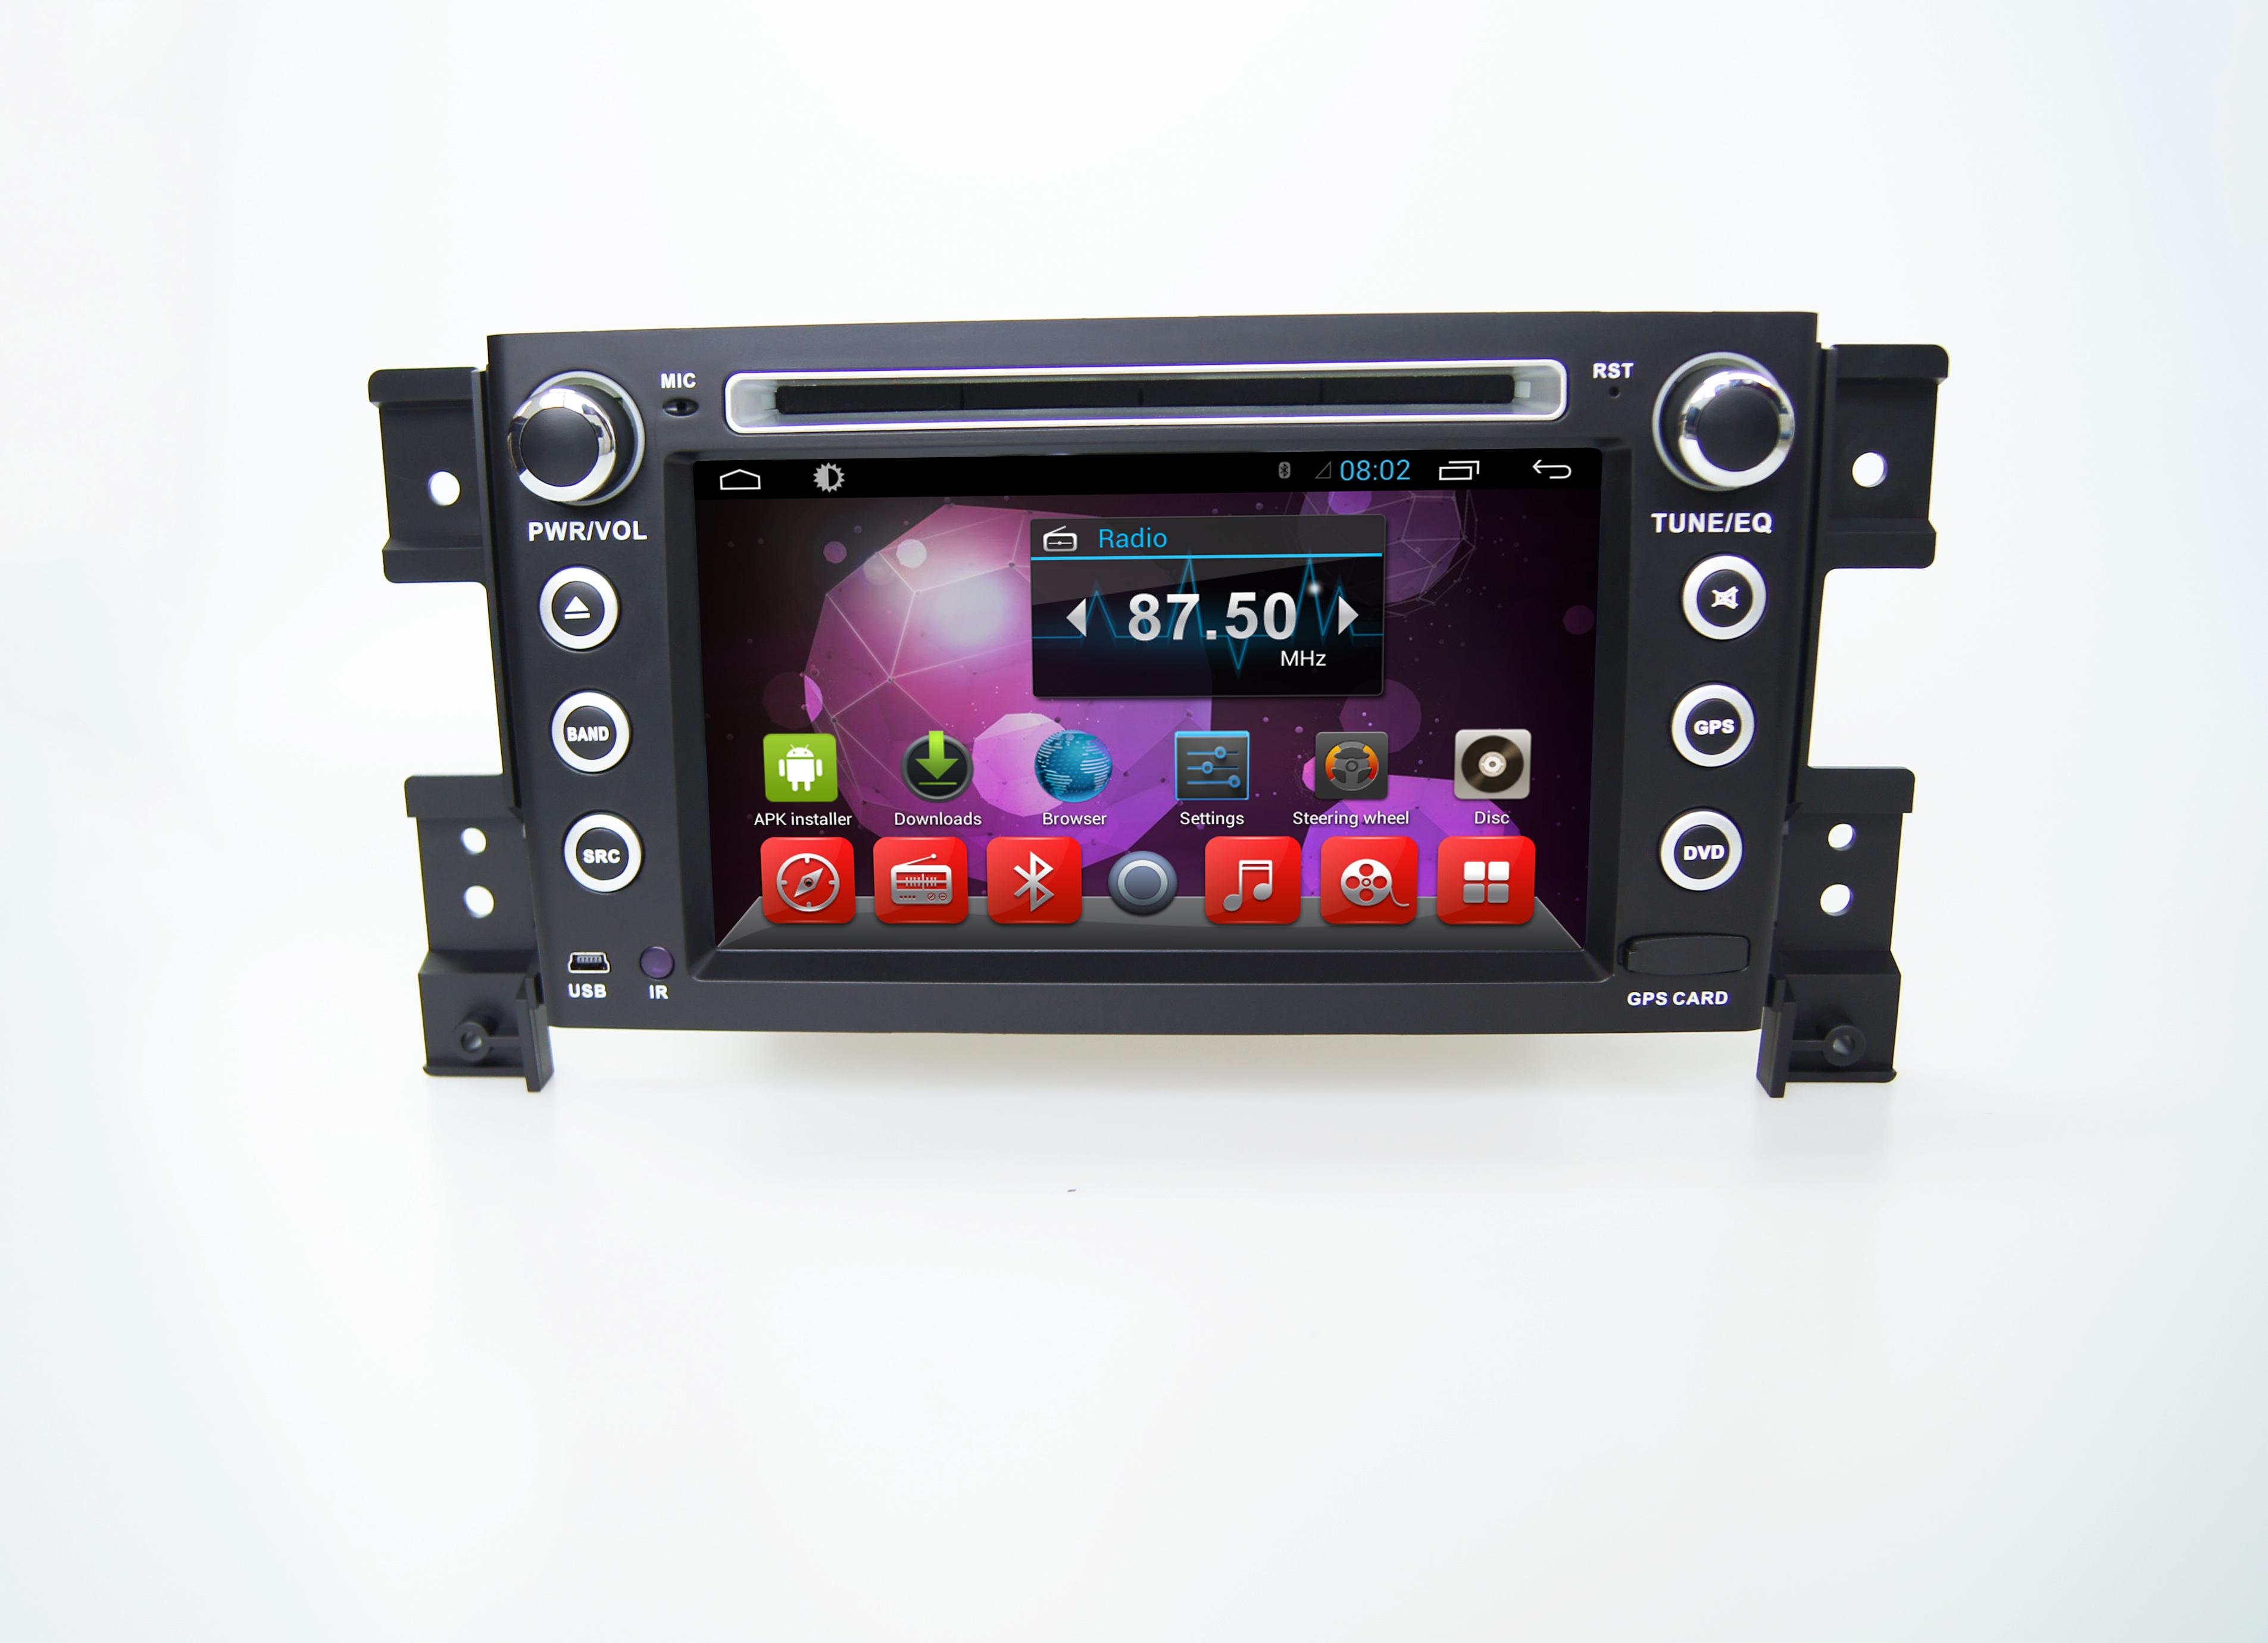 Штатная магнитола для Suzuki Grand Vitara III 2005-2015 CARMEDIA KR-7063-T8 на Android 7.1 (+ камера заднего вида) штатная магнитола carmedia kr 7093 t8 для hyundai ix35 2010 2015 android 7 1 2 камера заднего вида